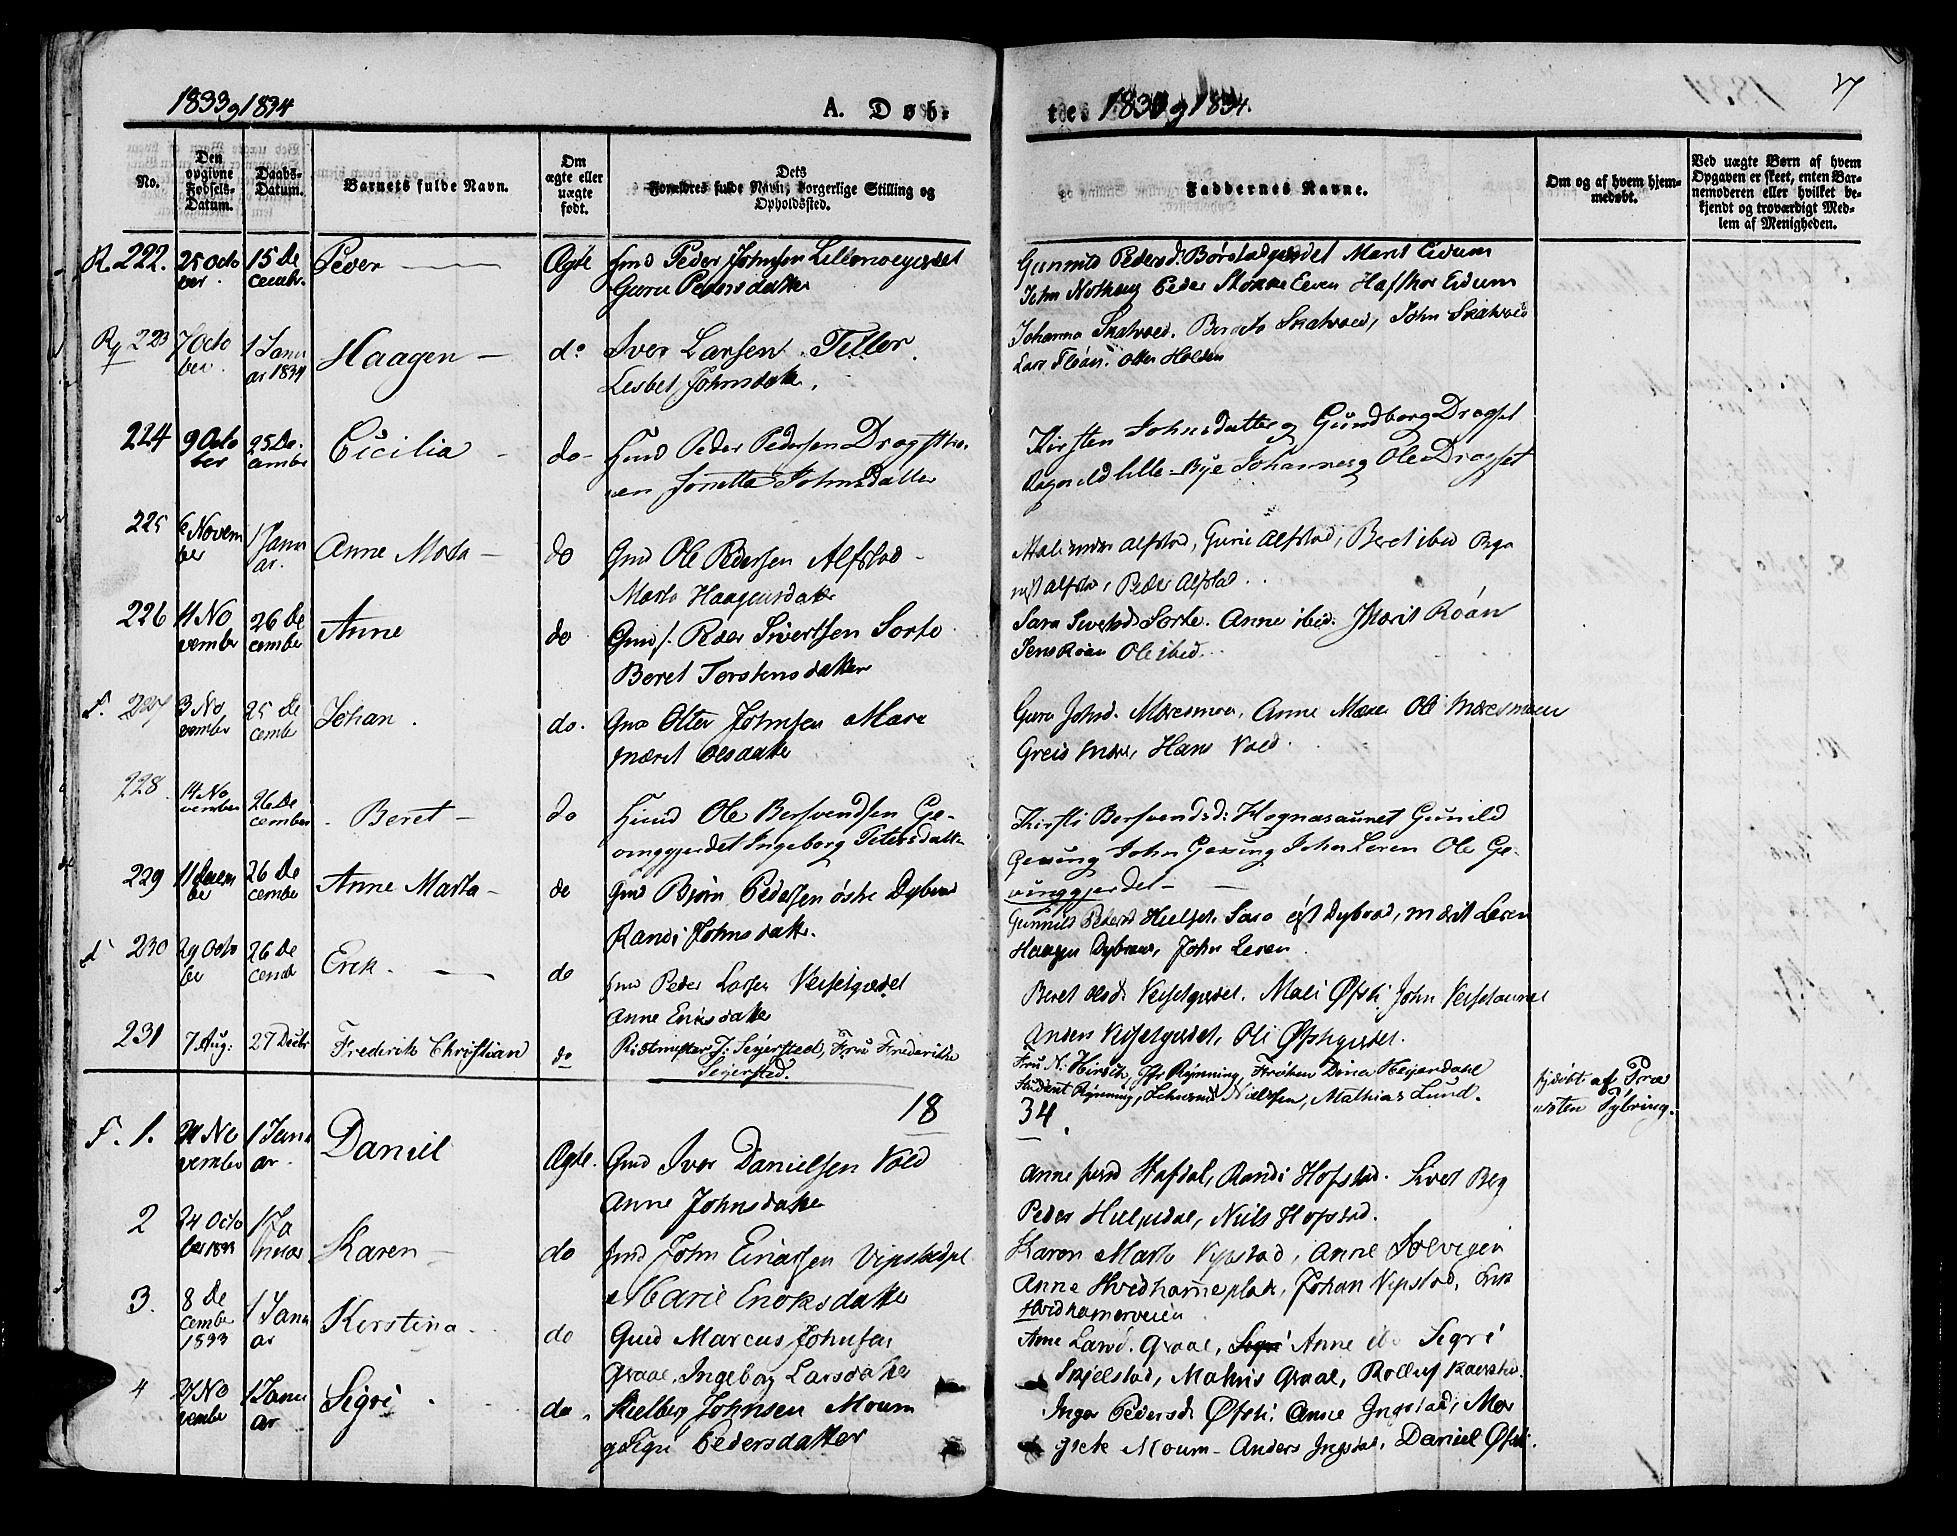 SAT, Ministerialprotokoller, klokkerbøker og fødselsregistre - Nord-Trøndelag, 709/L0071: Ministerialbok nr. 709A11, 1833-1844, s. 17